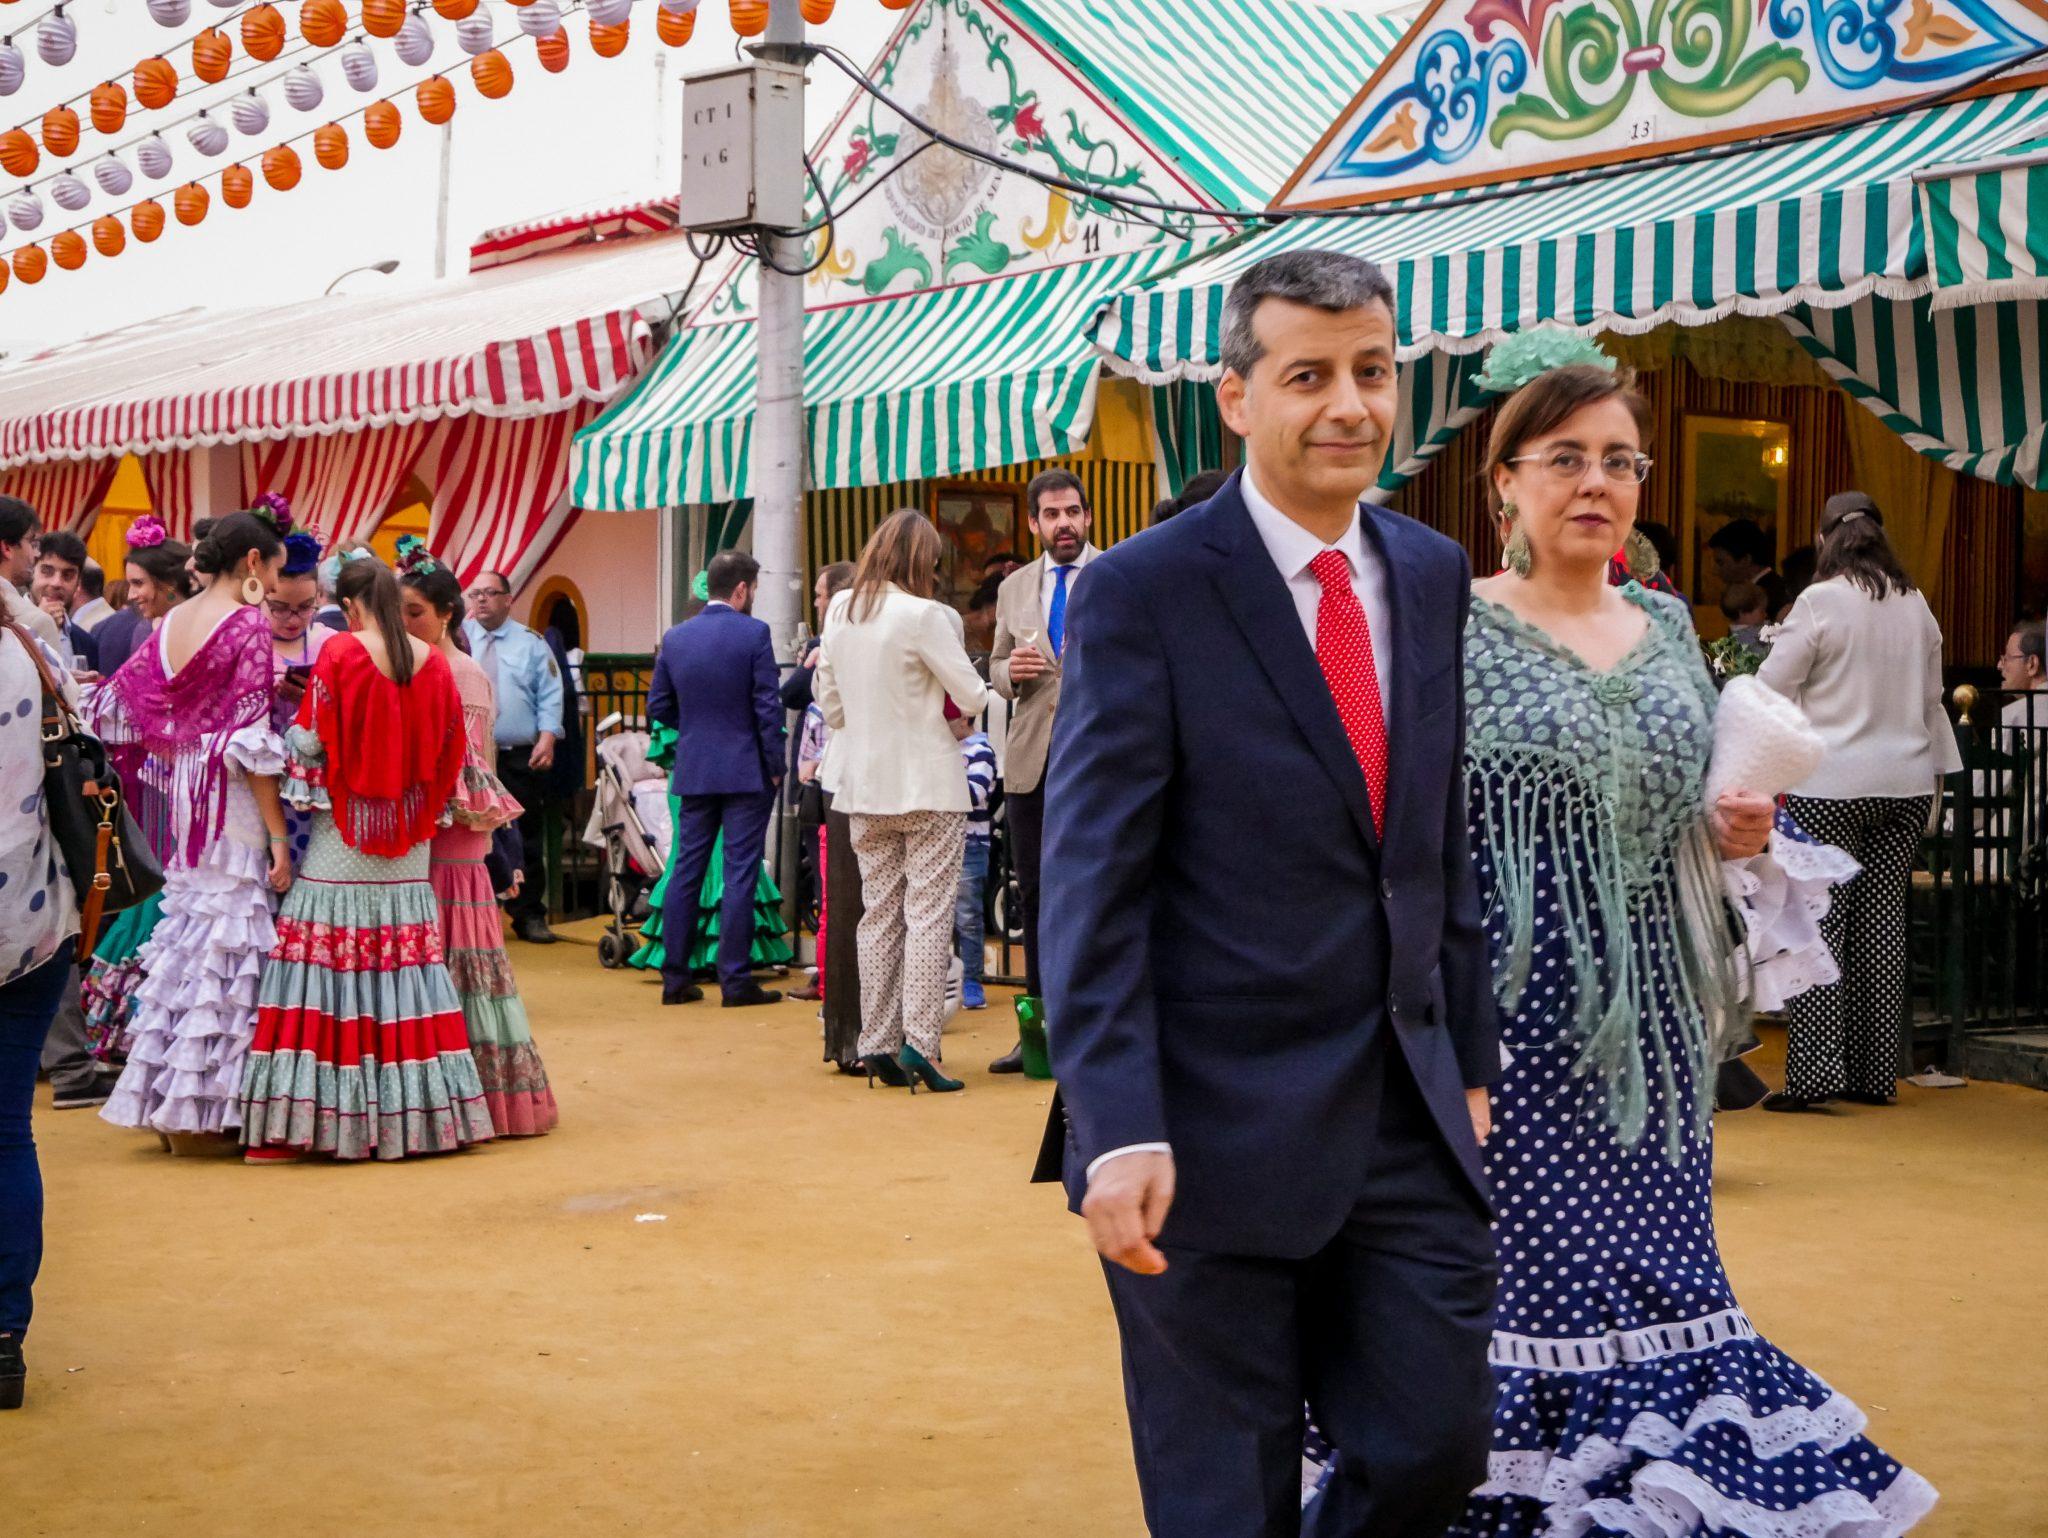 Das richtige Outfit auf der Feria zu tragen, ist für die Einheimischen sehr wichtig.